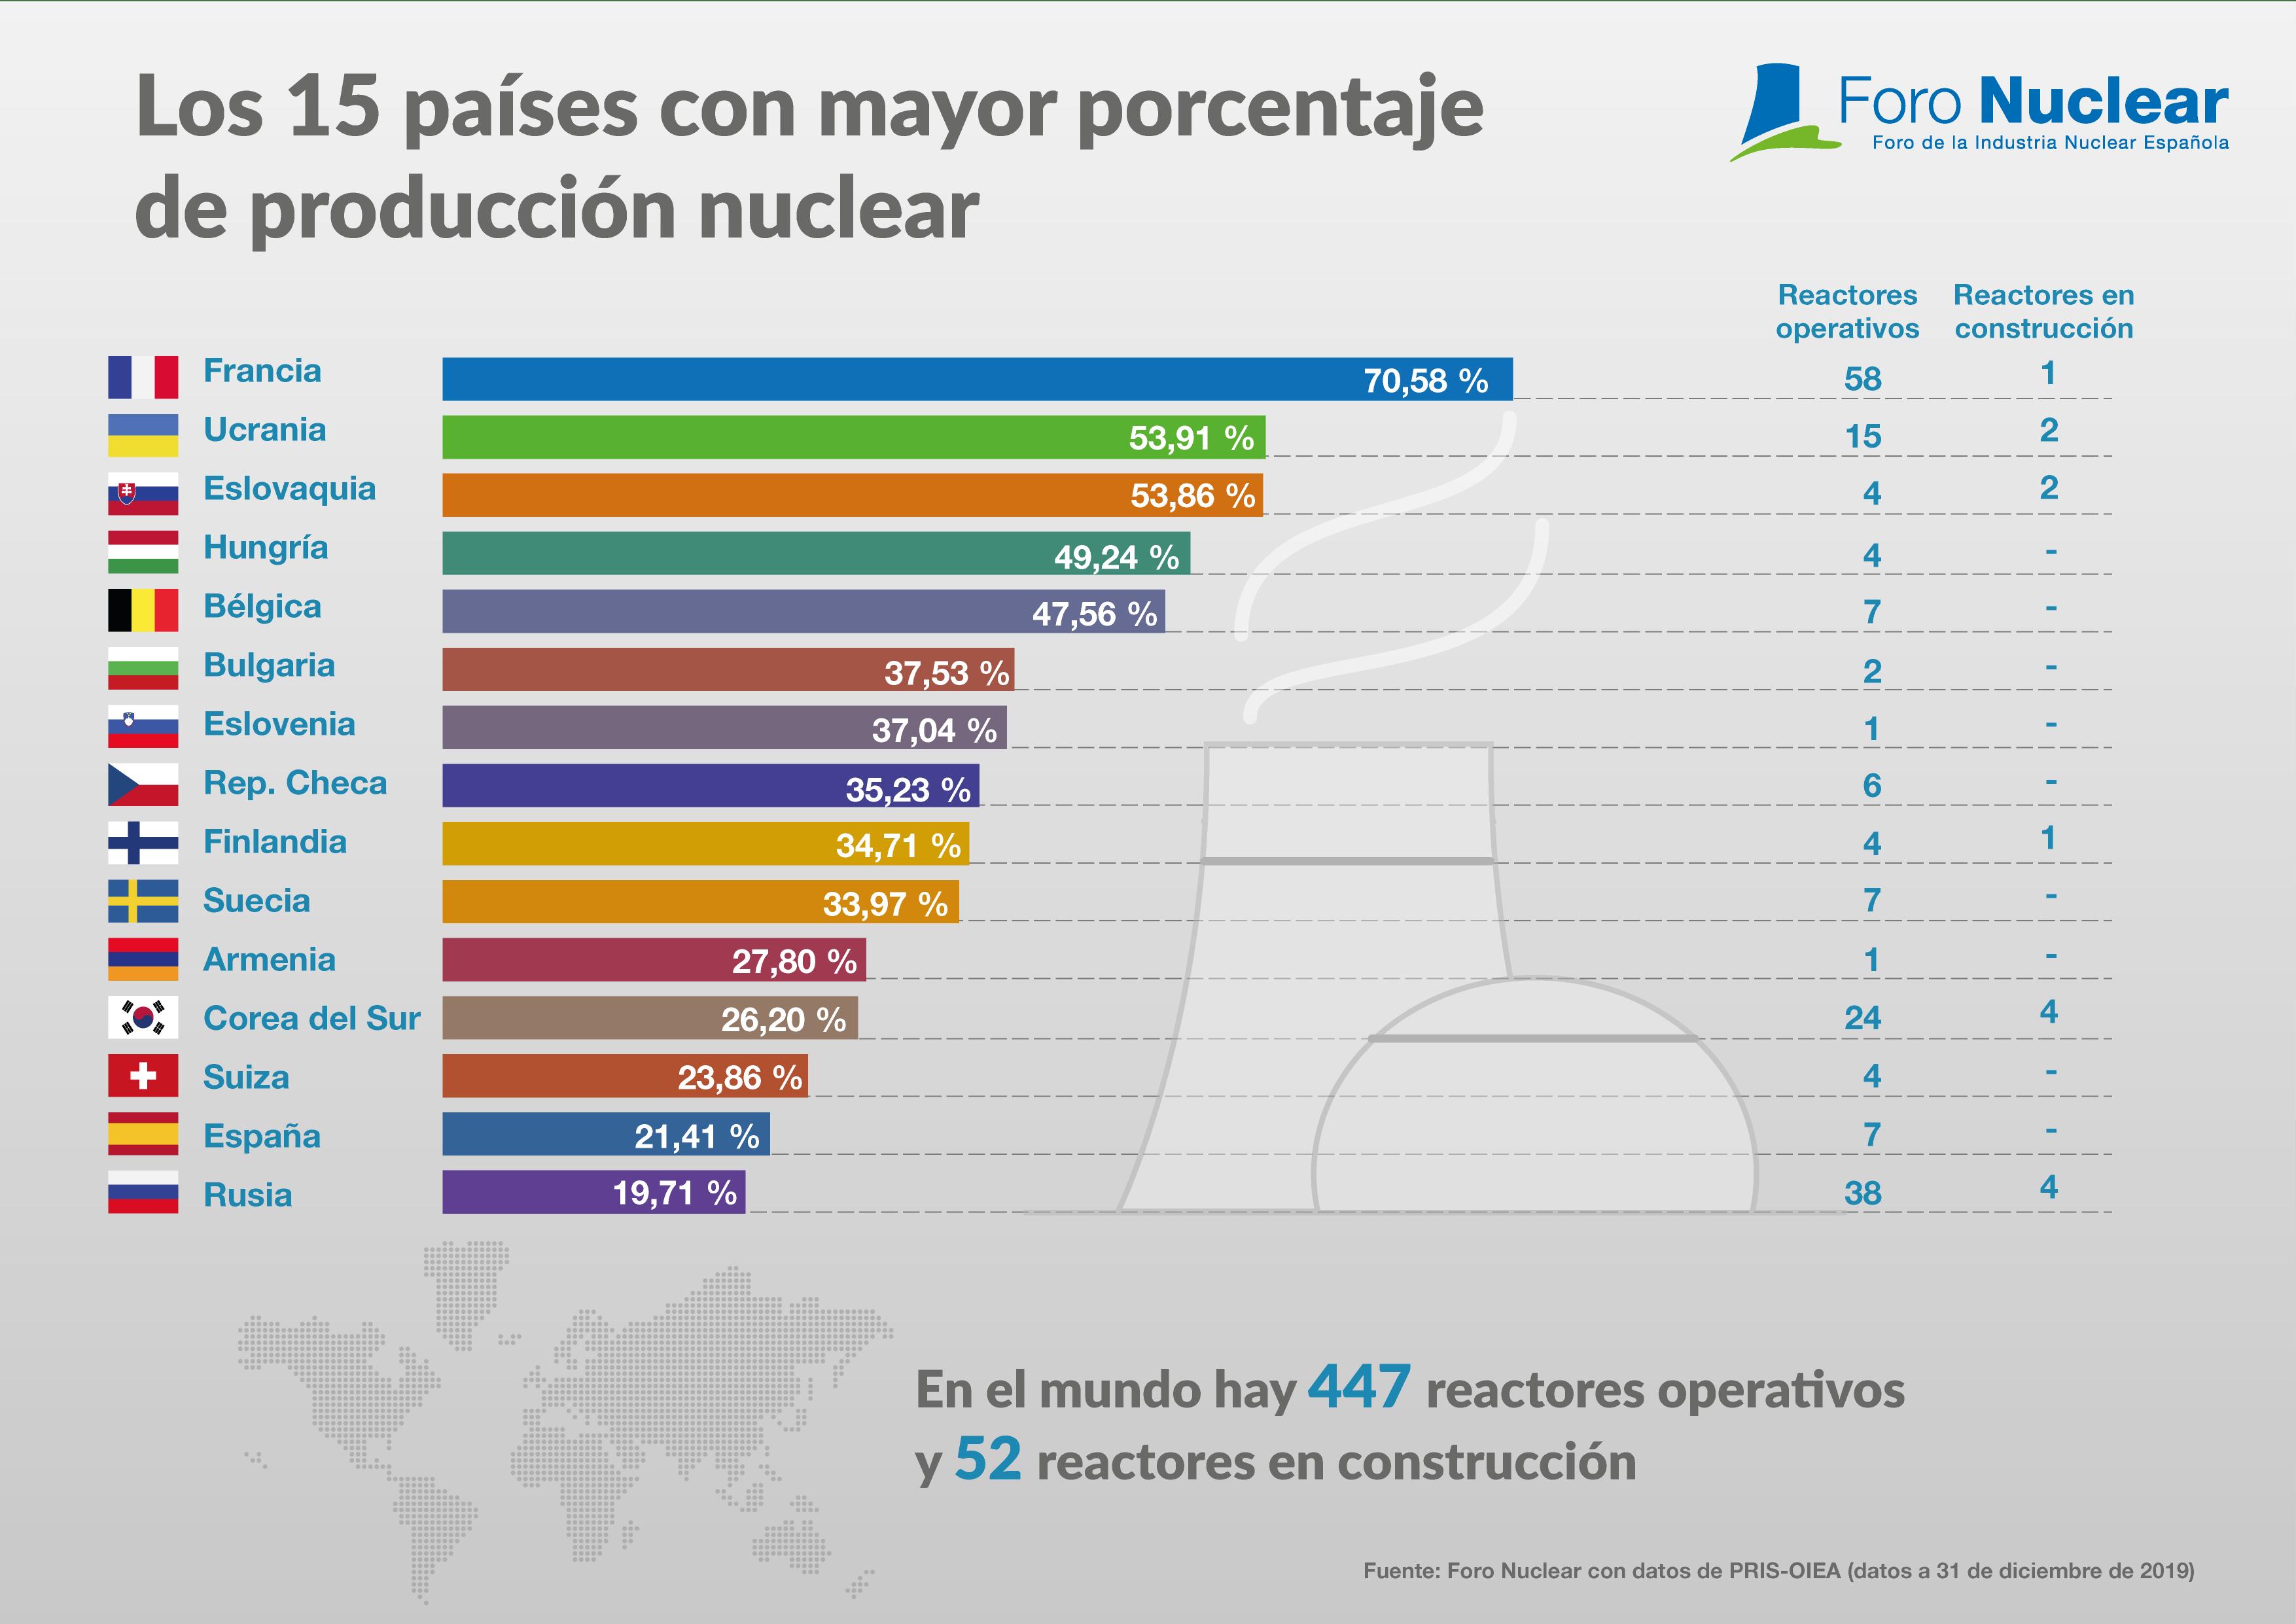 Los 15 países con mayor porcentaje de producción nuclear